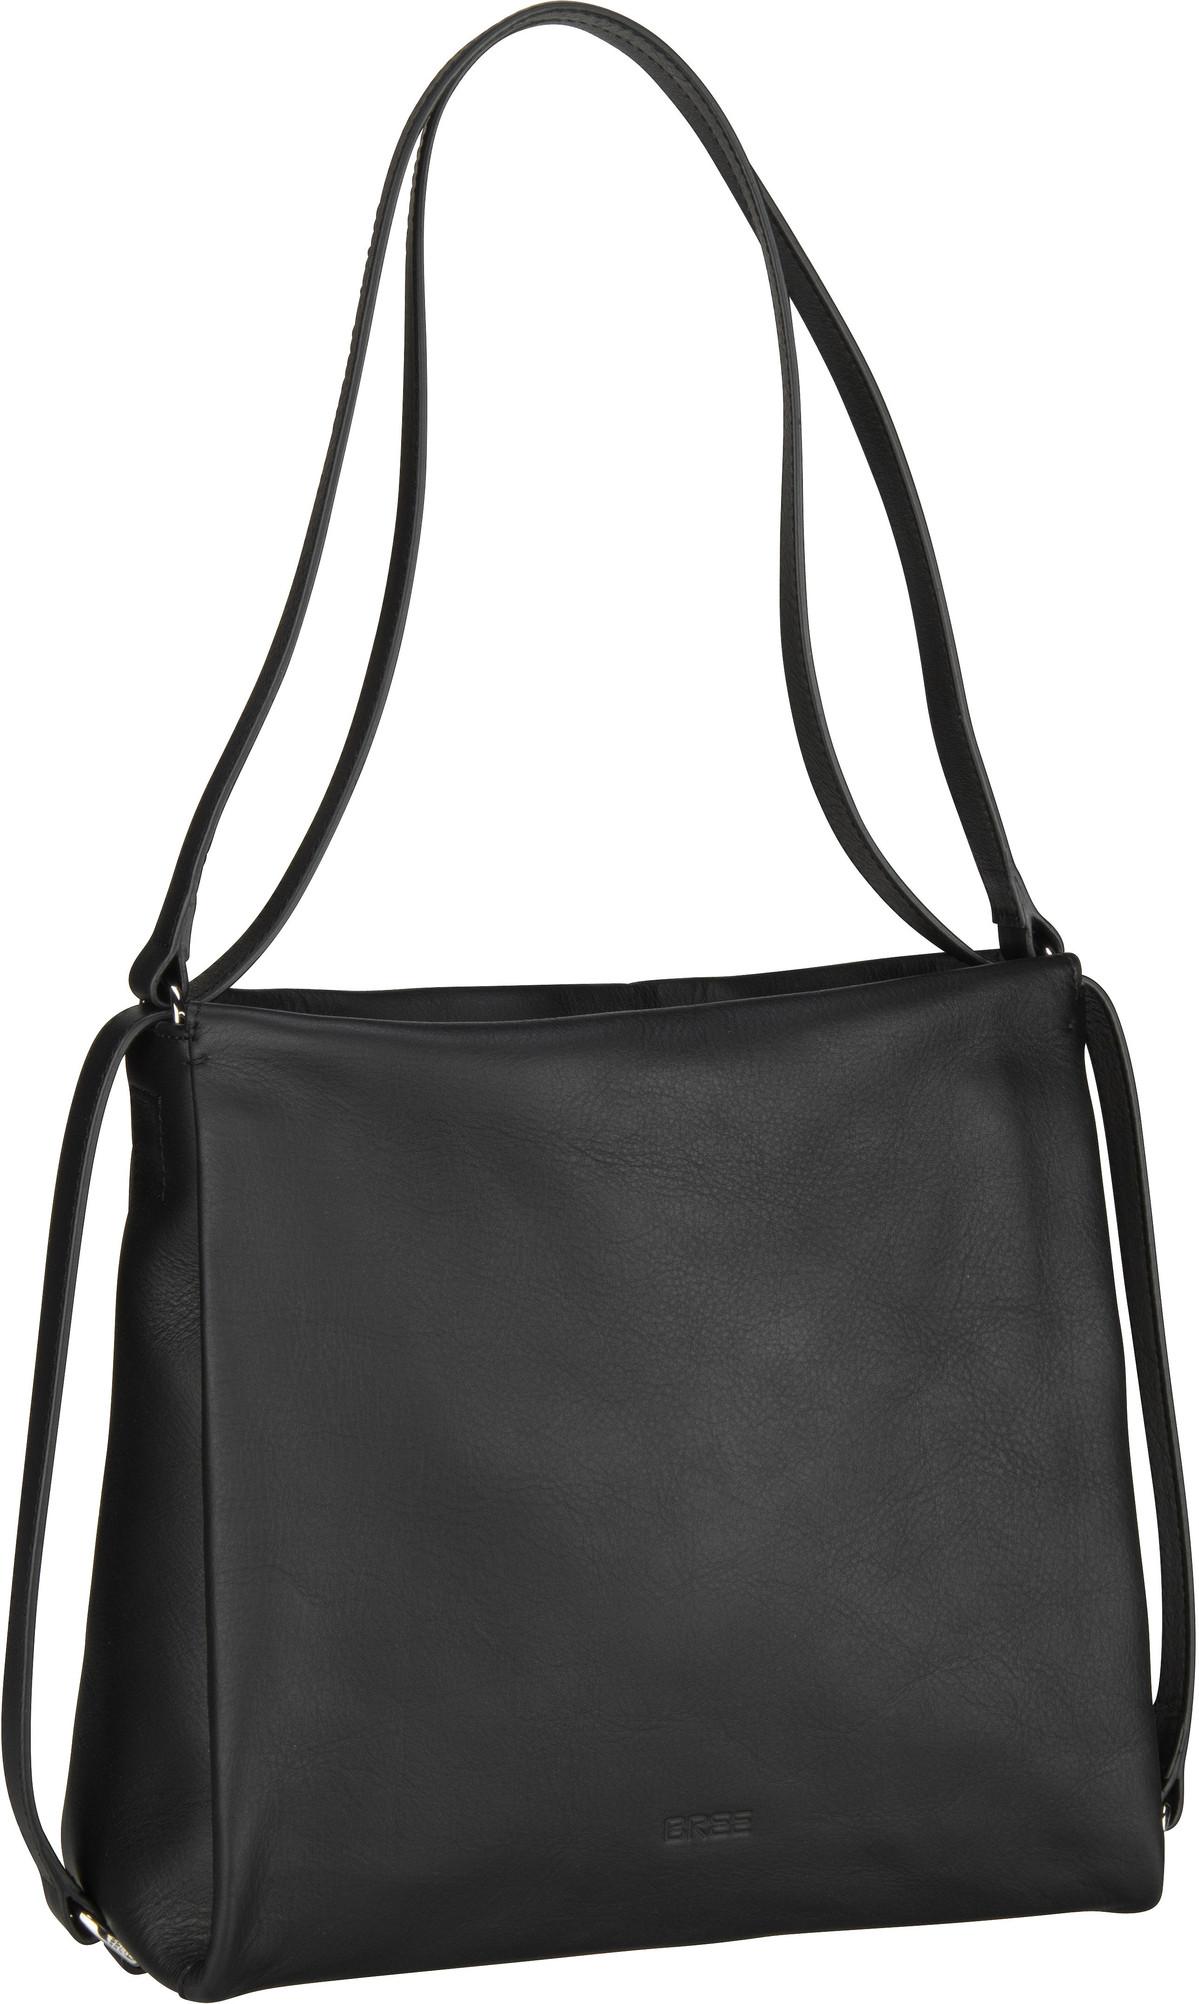 Handtasche Pure 6 Black